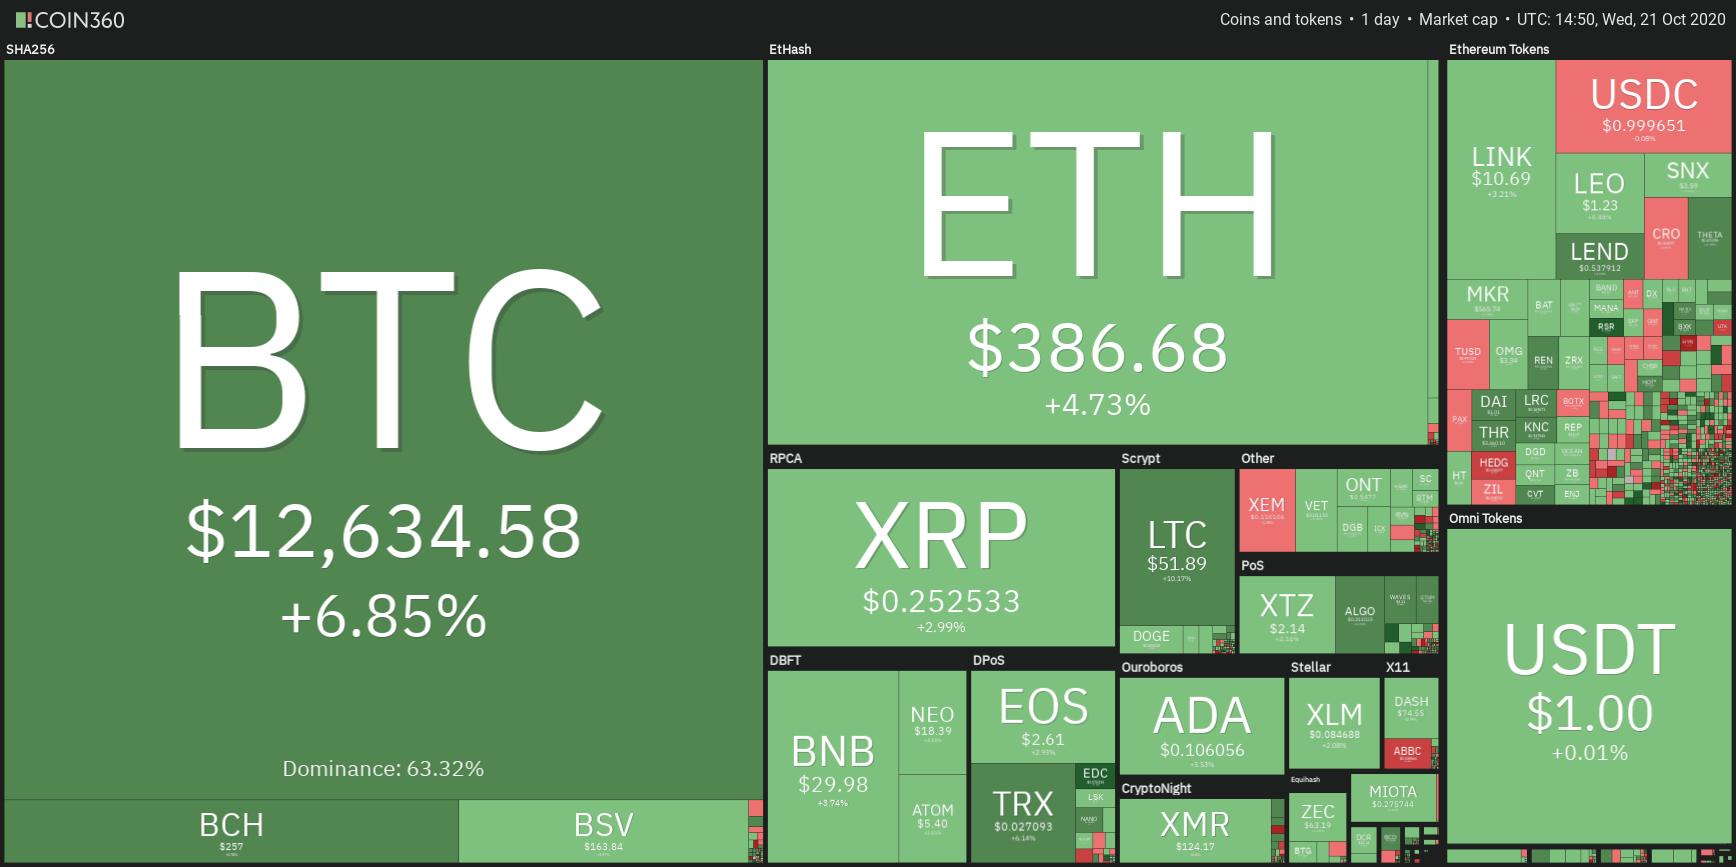 El precio de Bitcoin se eleva a US$12,900. PayPal abre las criptomonedas para todos